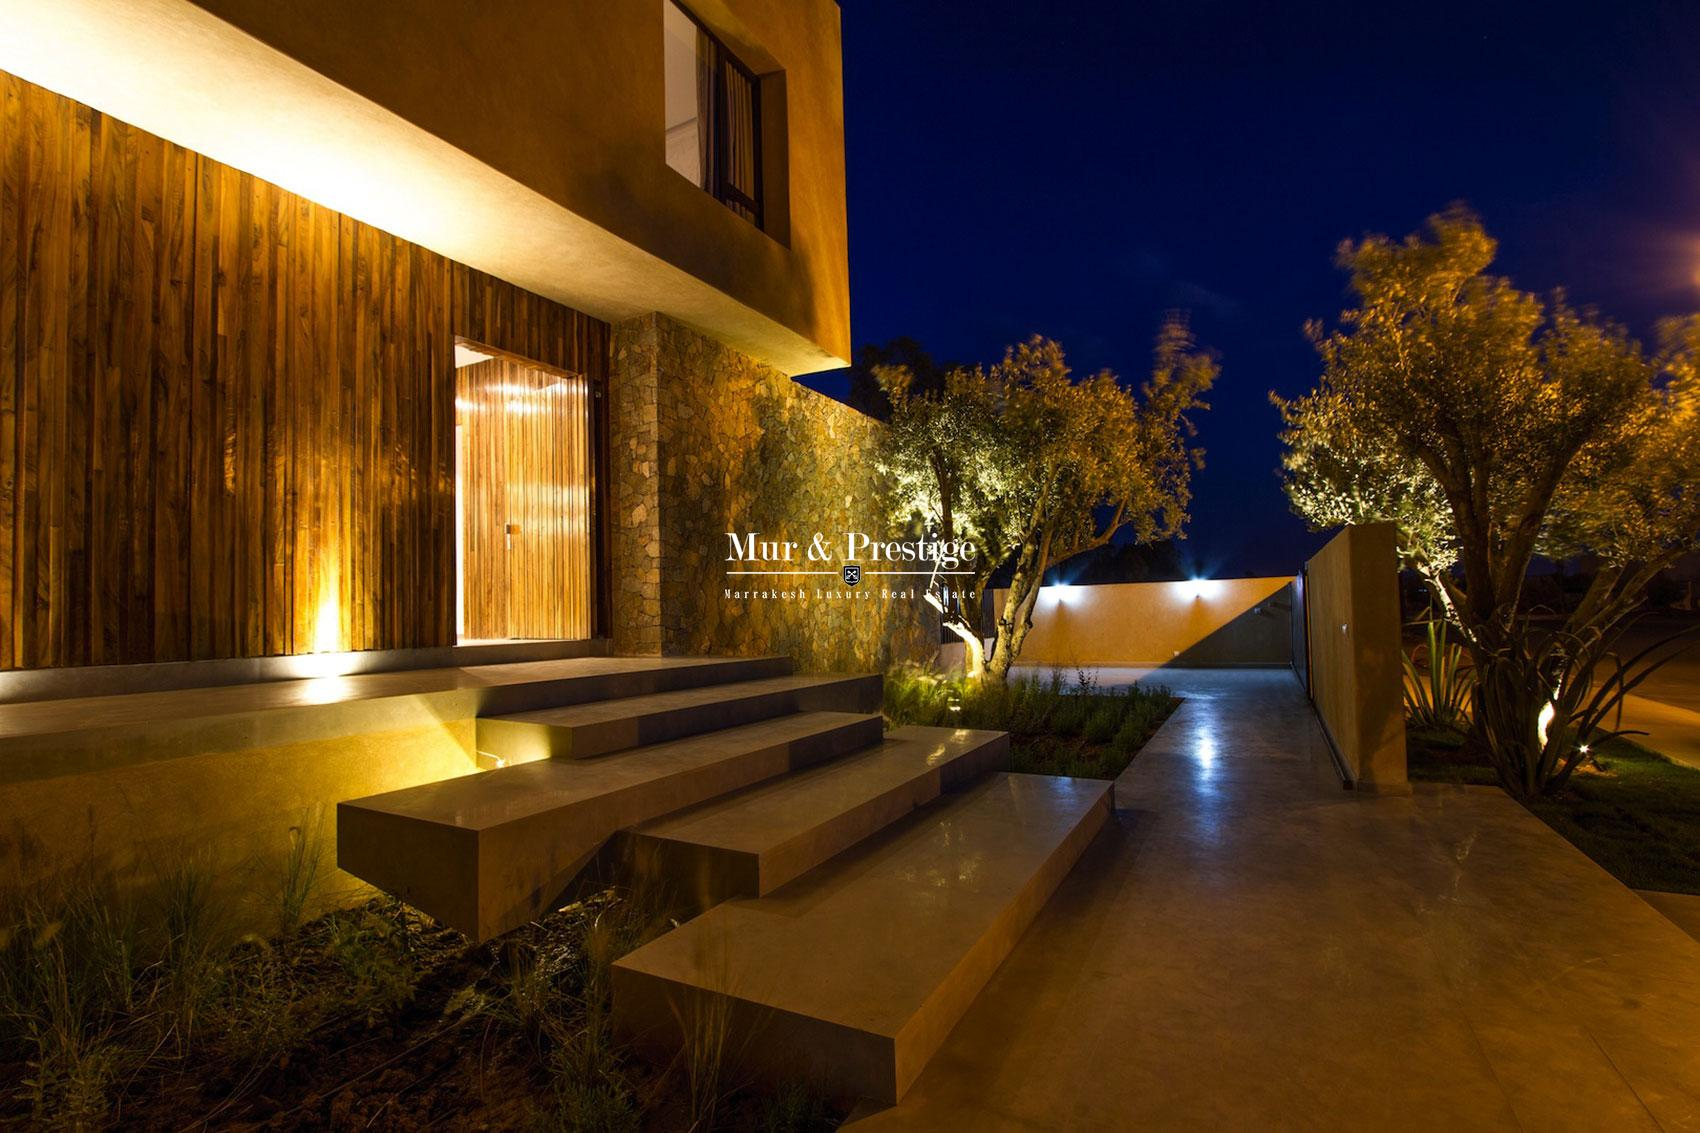 Belle maison a vendre Marrakech